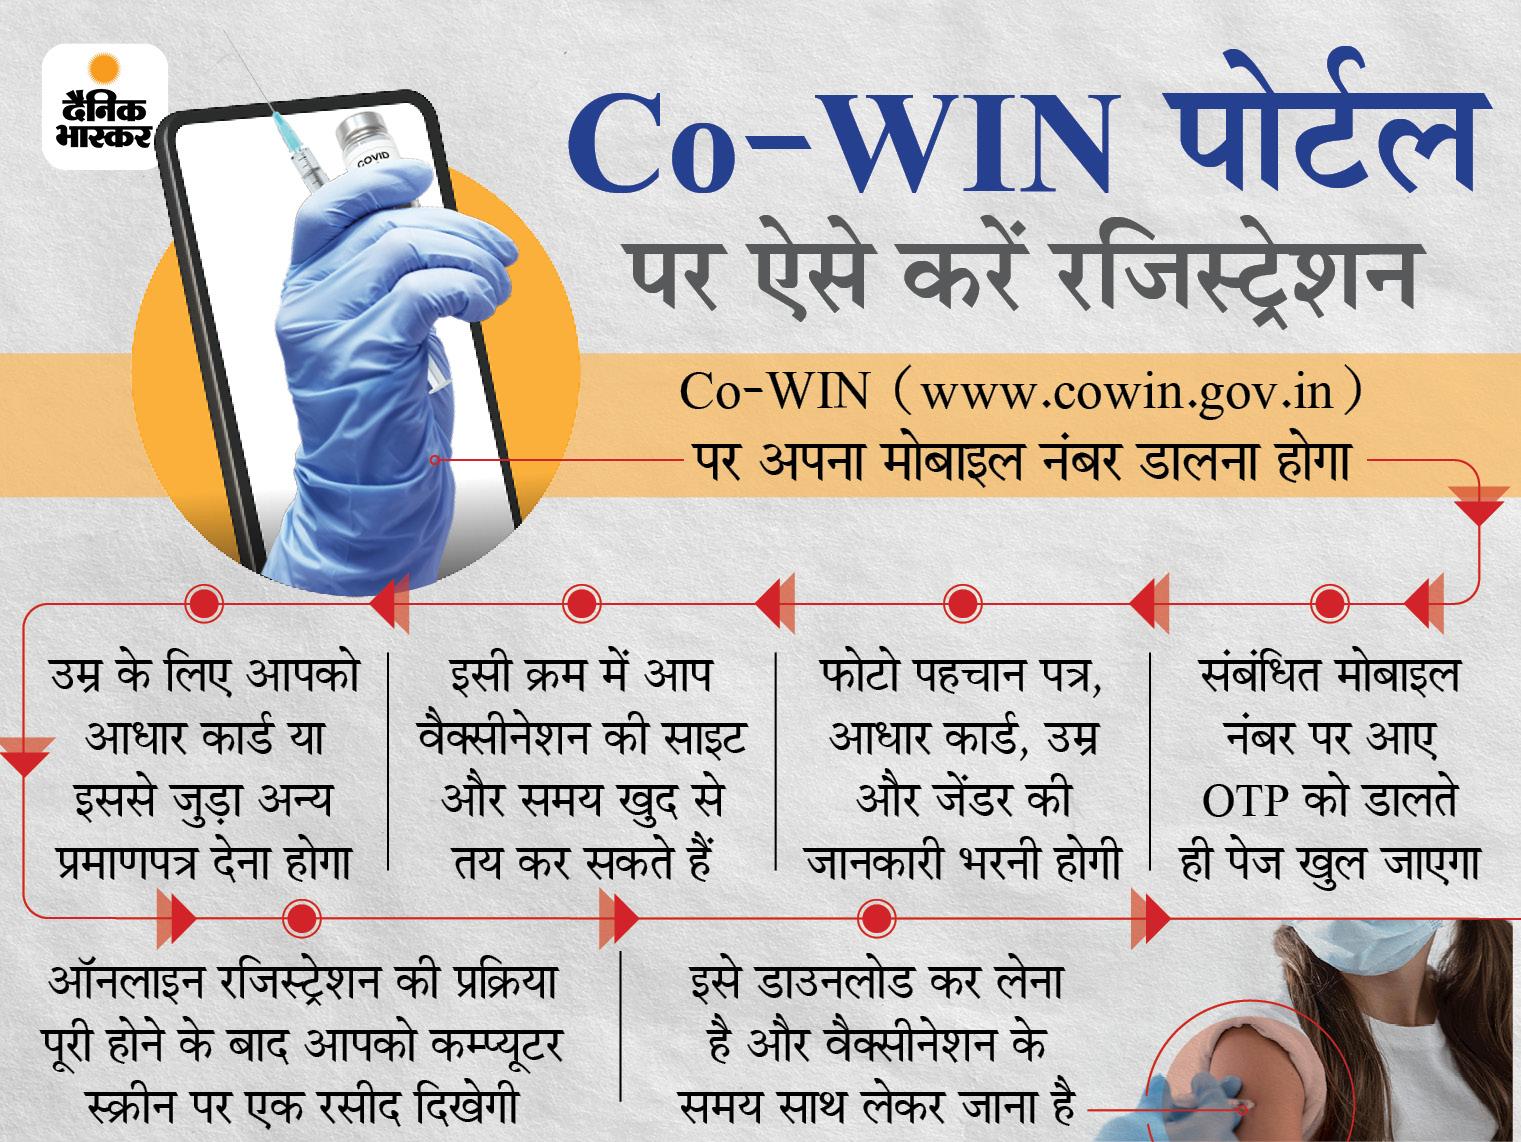 Co-WIN पोर्टल पर रजिस्ट्रेशन के साथ फिक्स हो जाएगा समय, आसान होगी वैक्सीनेशन की प्रक्रिया बिहार,Bihar - Dainik Bhaskar